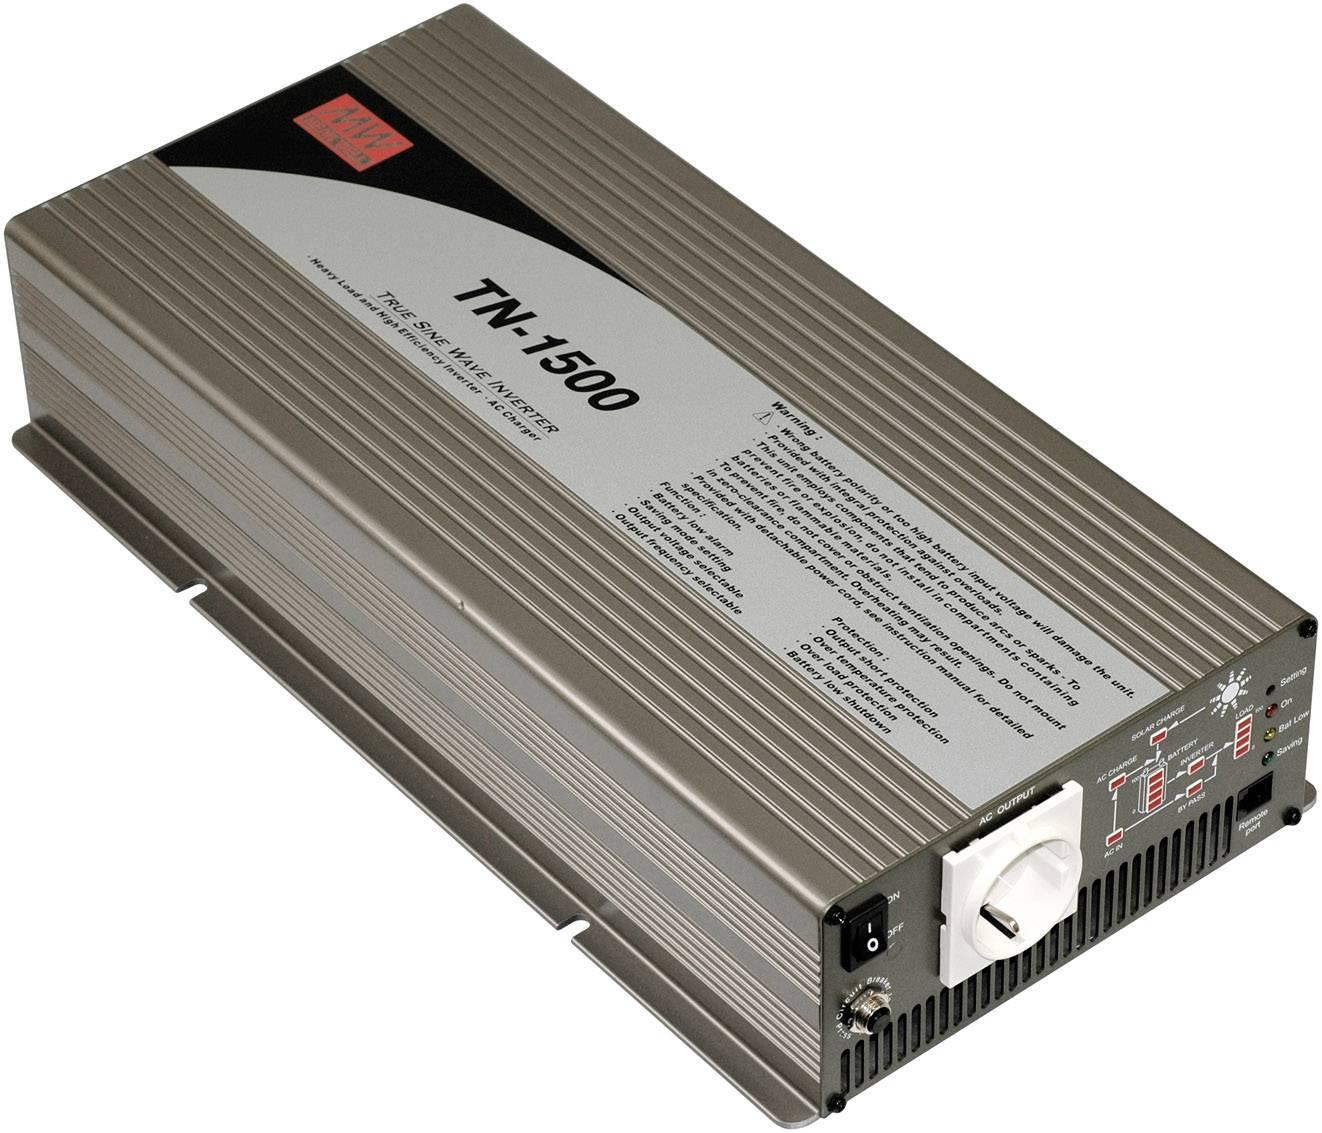 Měnič napětí Mean Well TN-1500-224B, 1500 W, 24 V/DC/1500 W